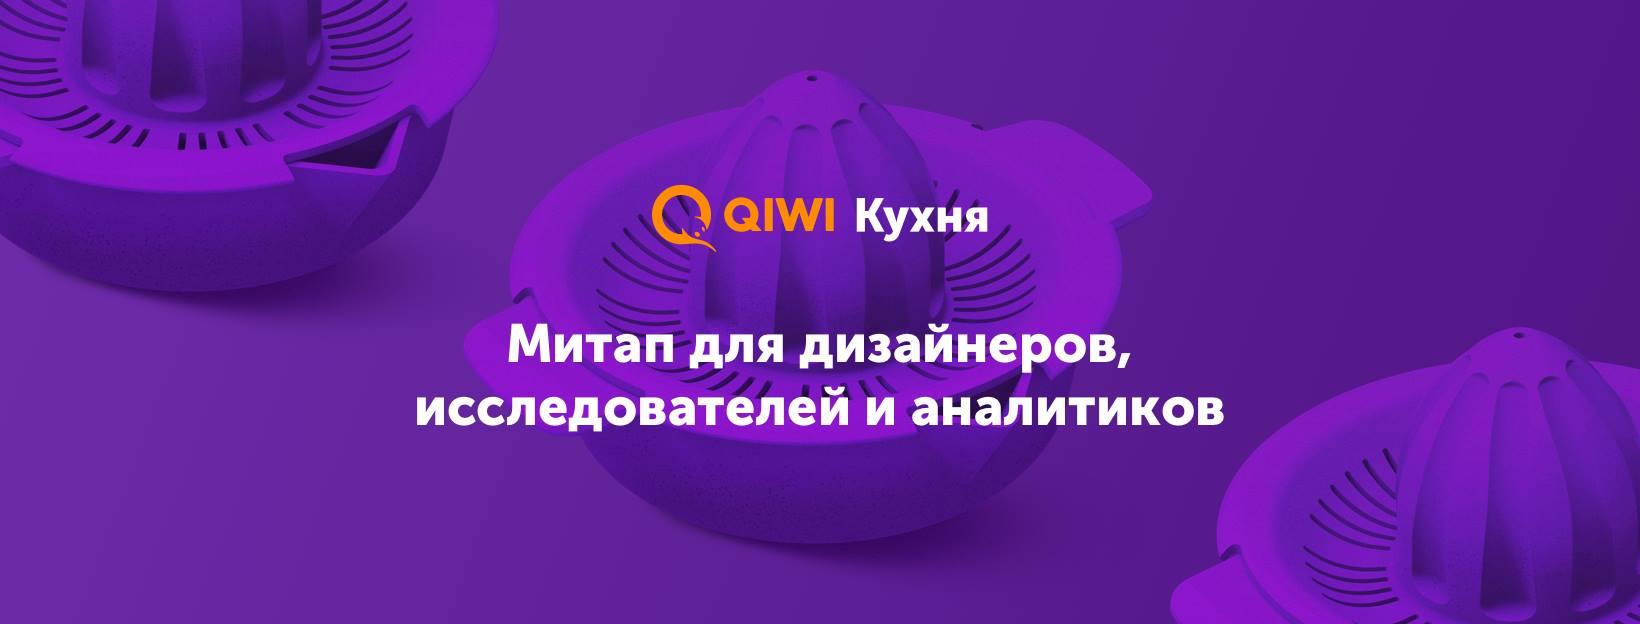 6 февраля, Москва, DI Telegraph — Большая QIWI Кухня о дизайне продуктов